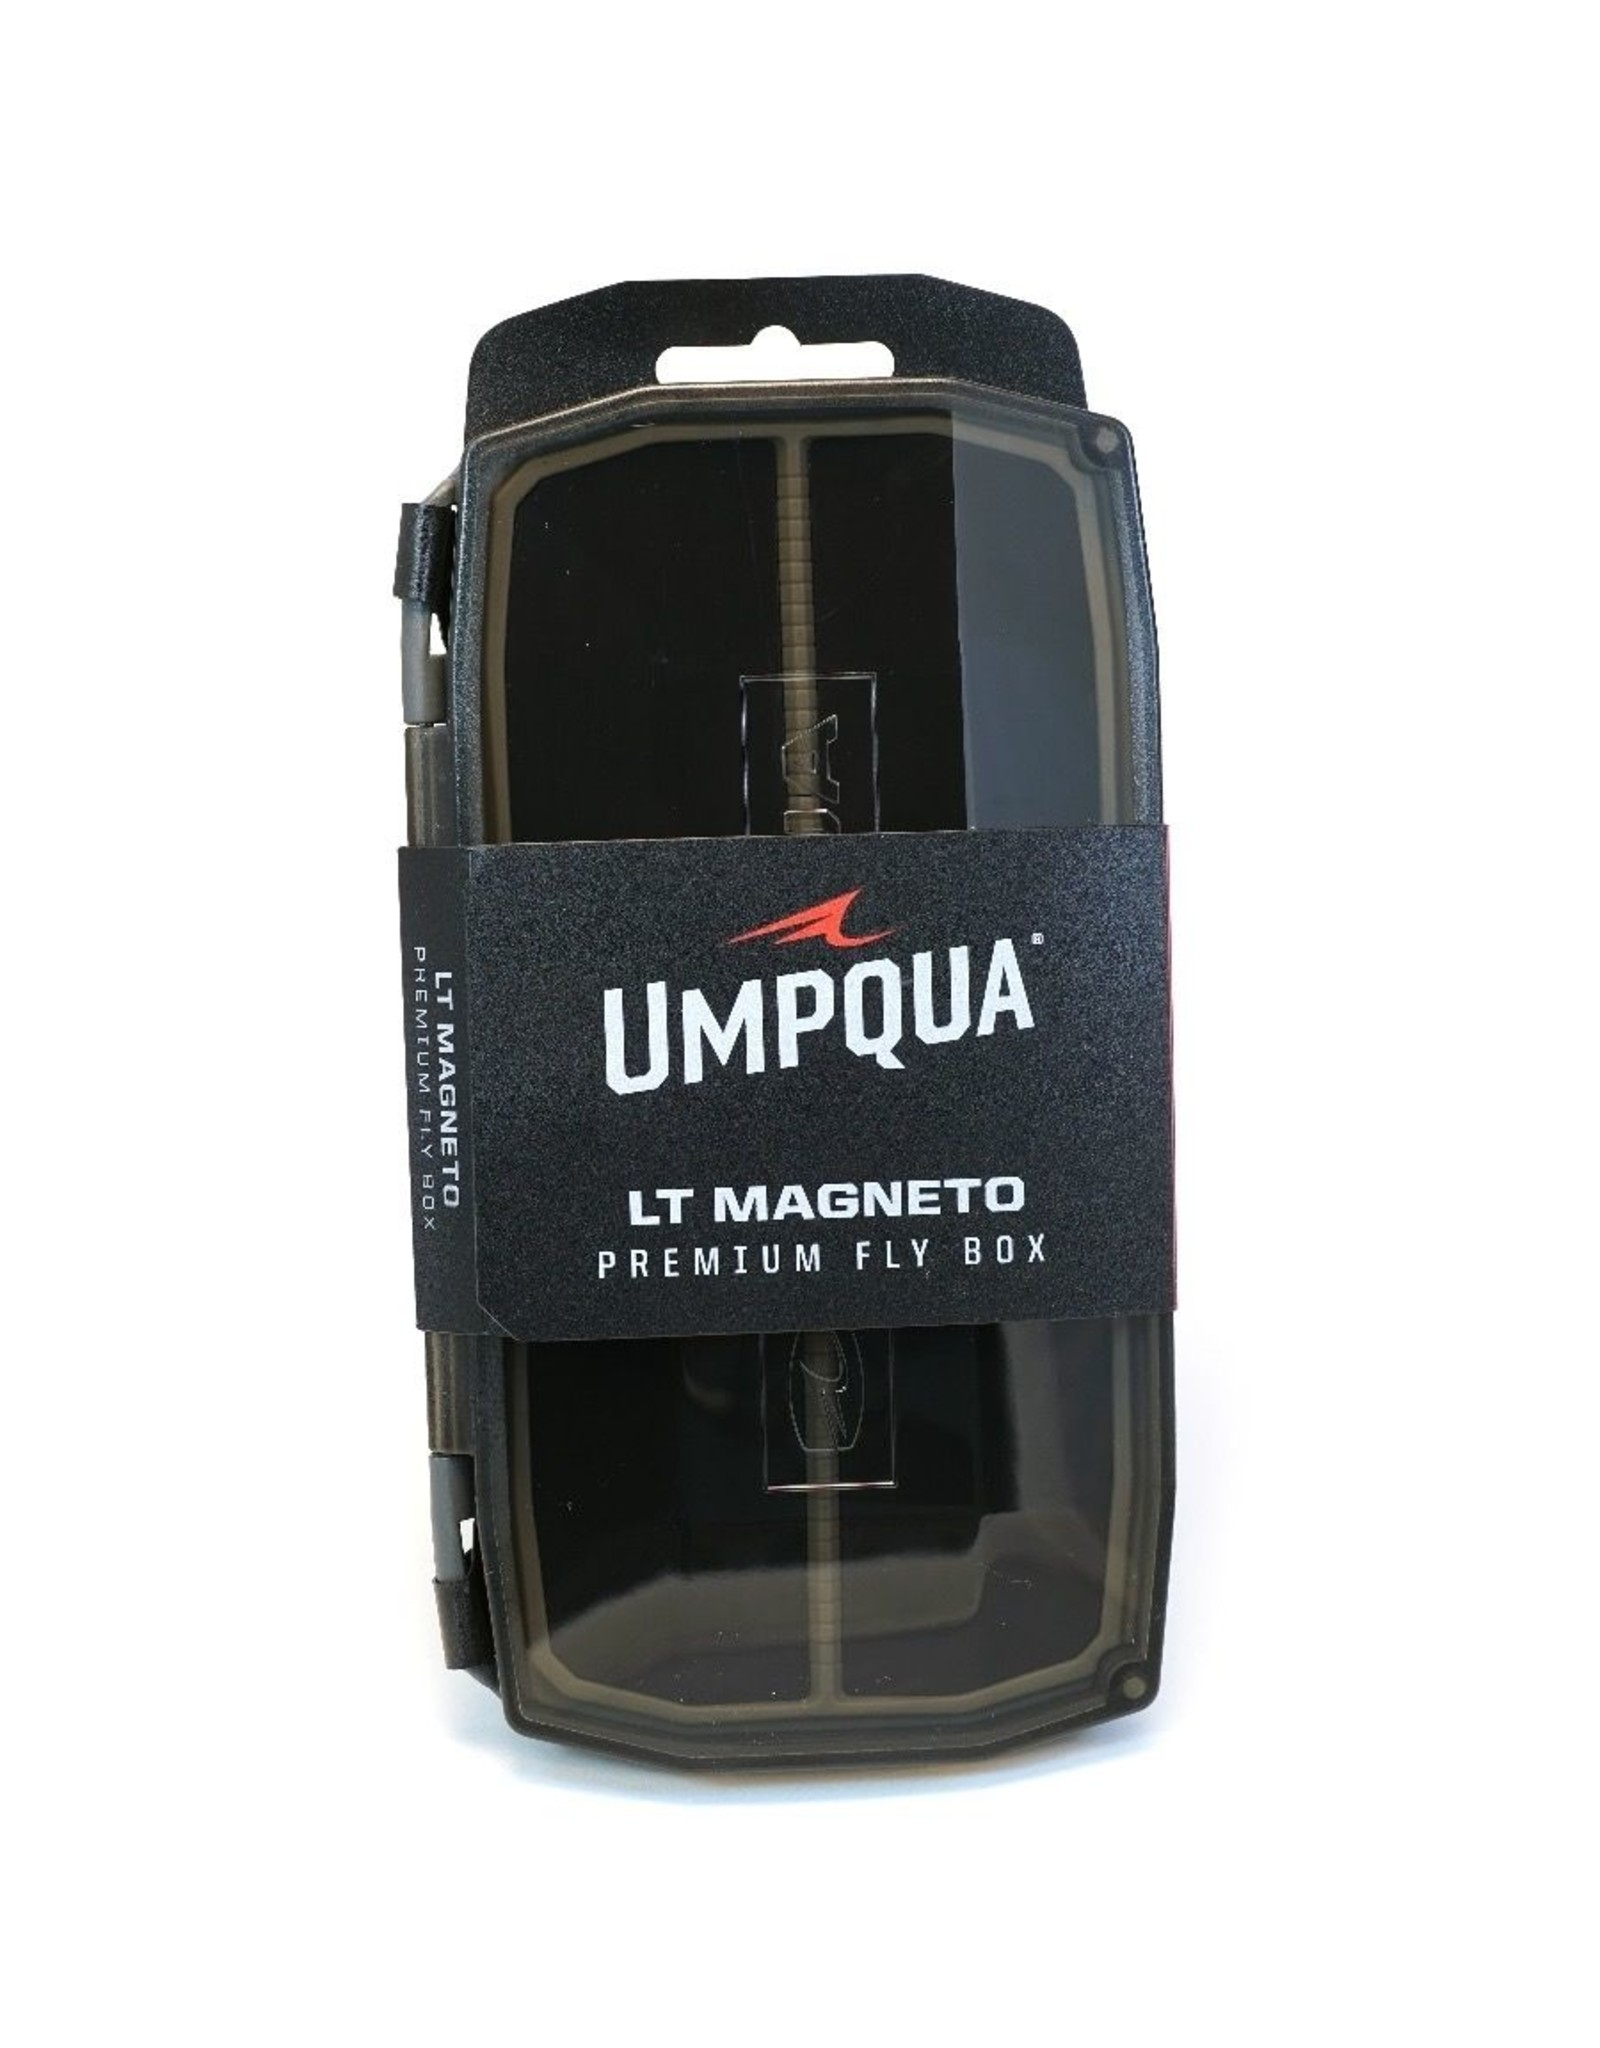 Umpqua Umpqua UPG LT Magneto Gray